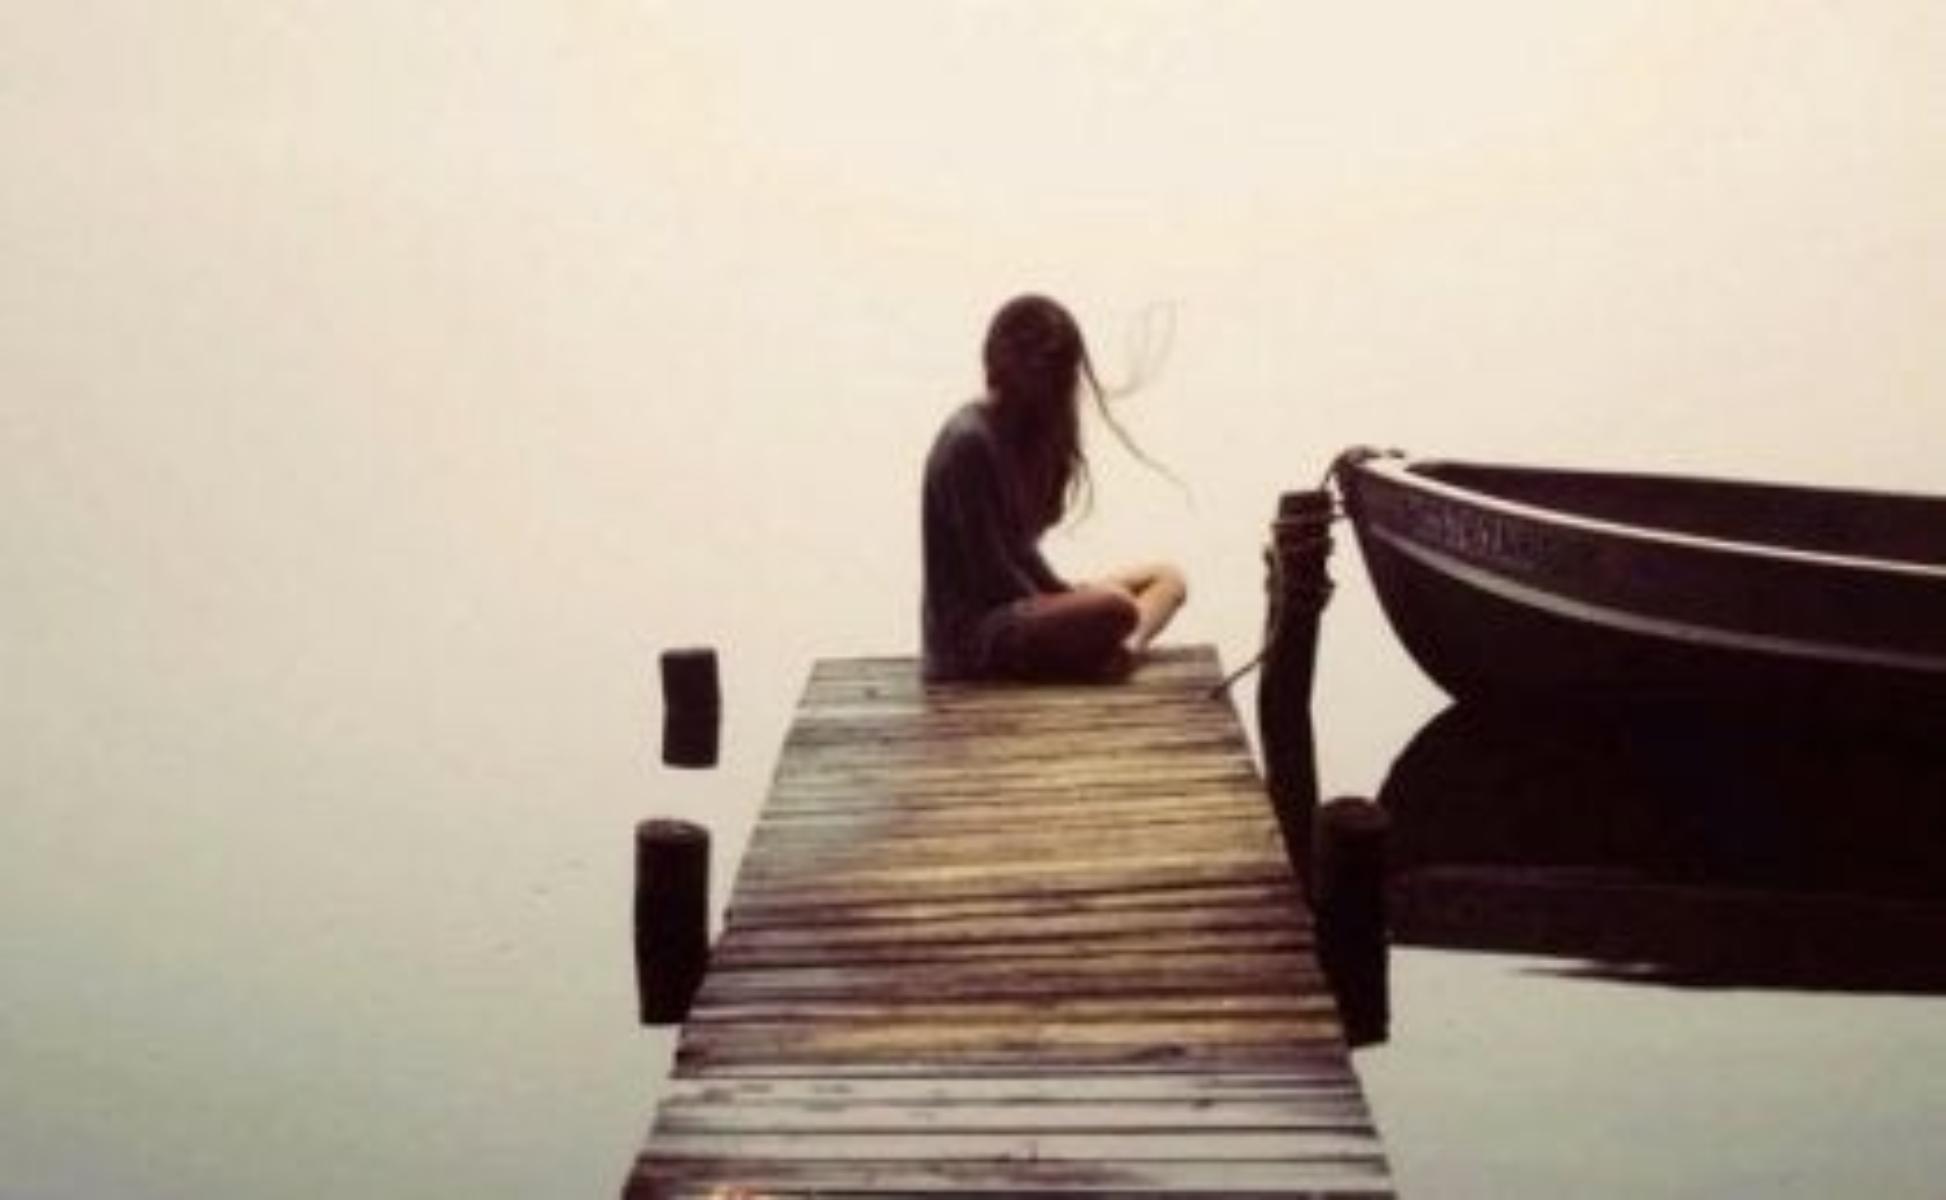 Συναισθηματική κακοποίηση: Πώς να ανακάμψεις